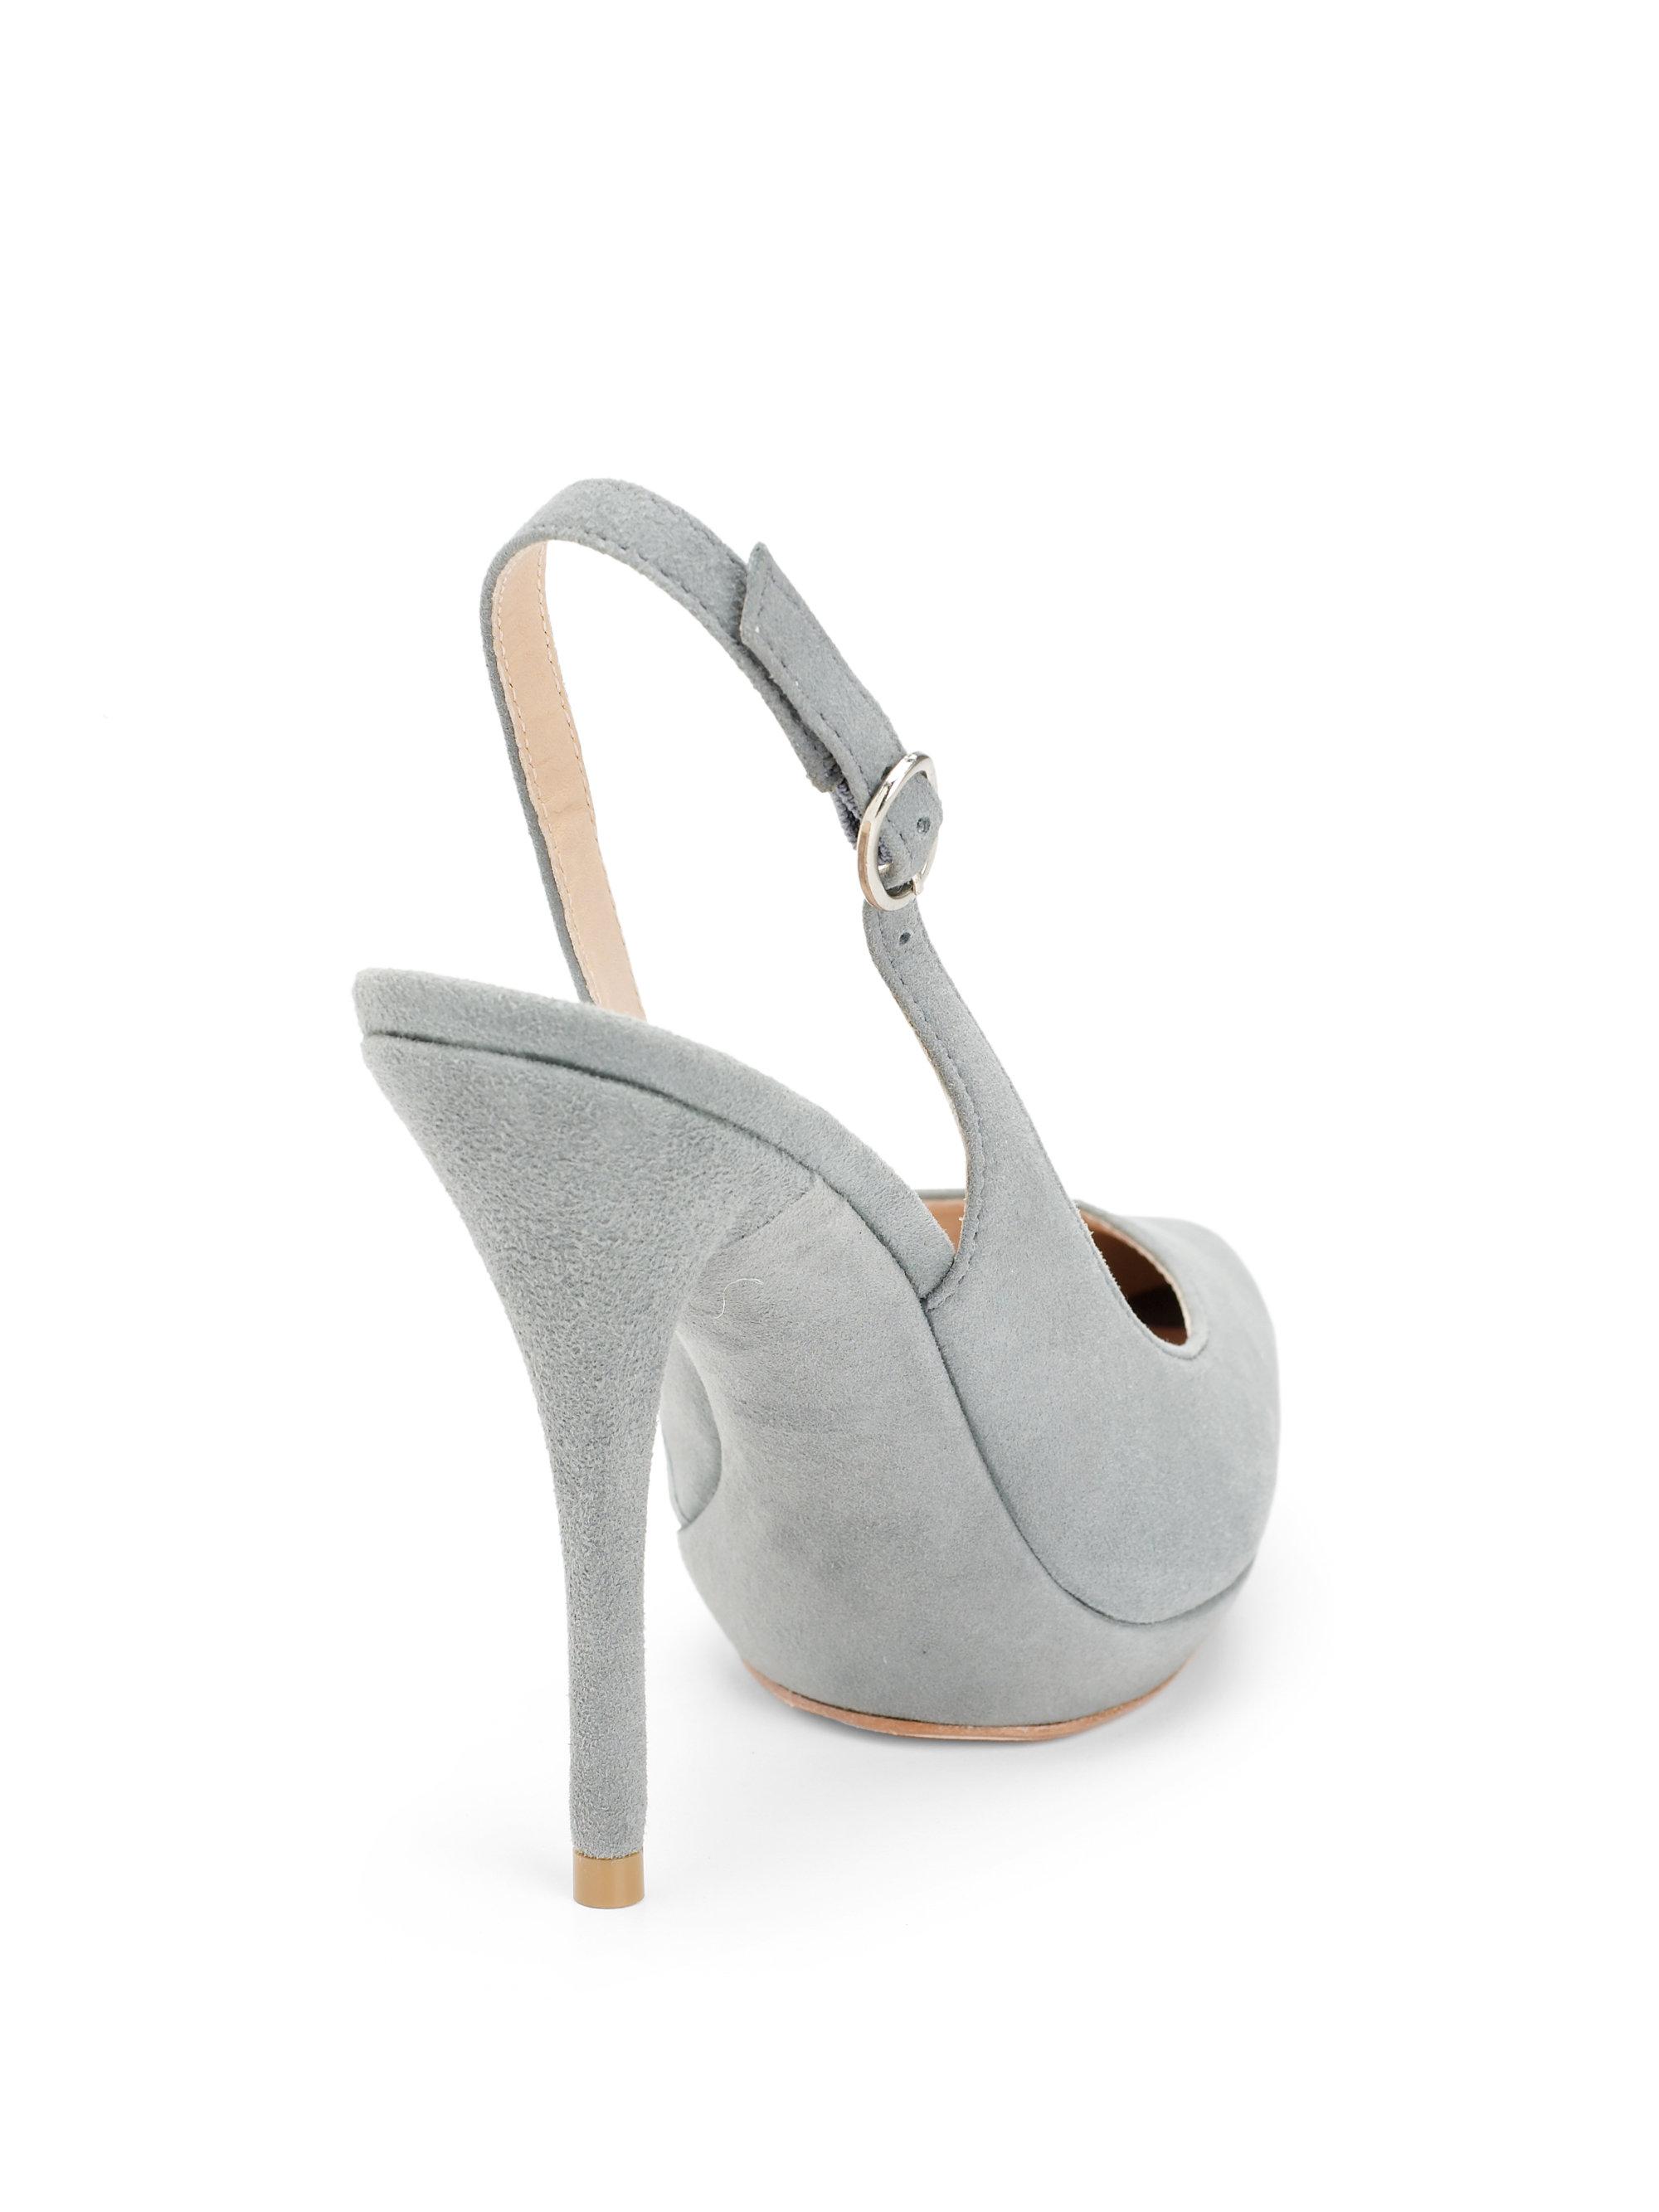 da2c999b4687 Lyst - Pour La Victoire Divina Suede Slingback Pumps in Gray